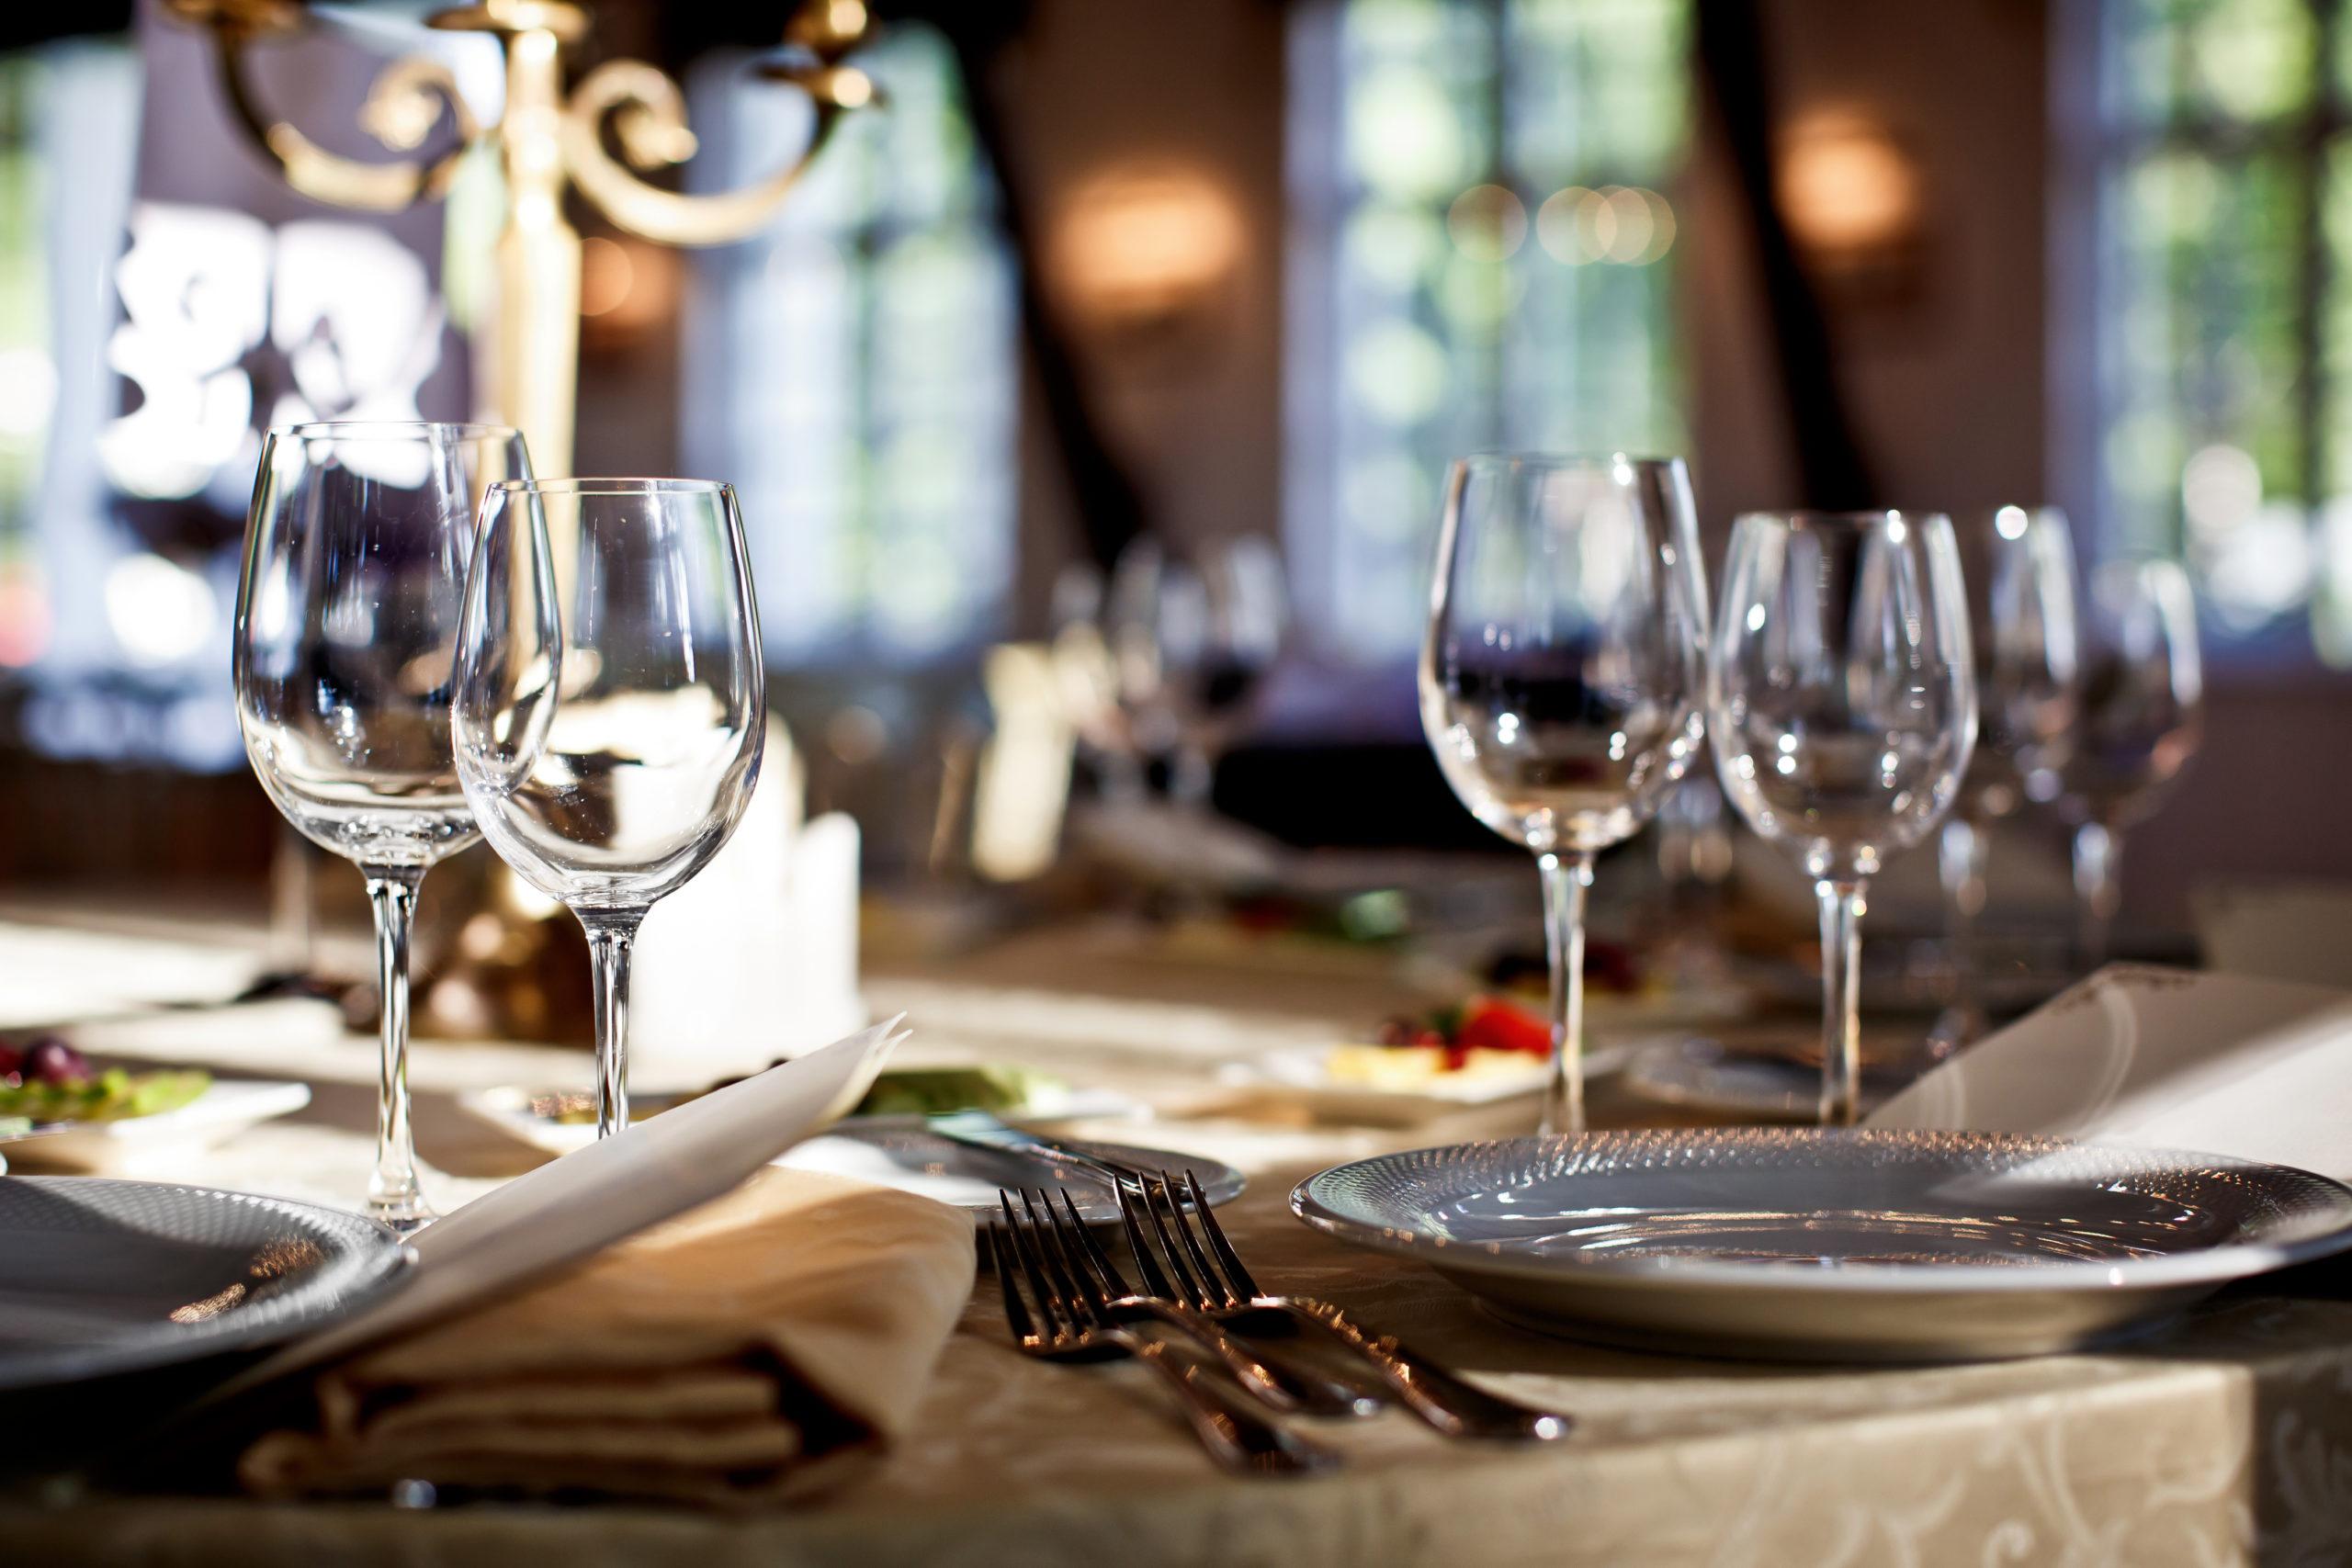 BrownDaniel's Top 5 Restaurants in Brookhaven